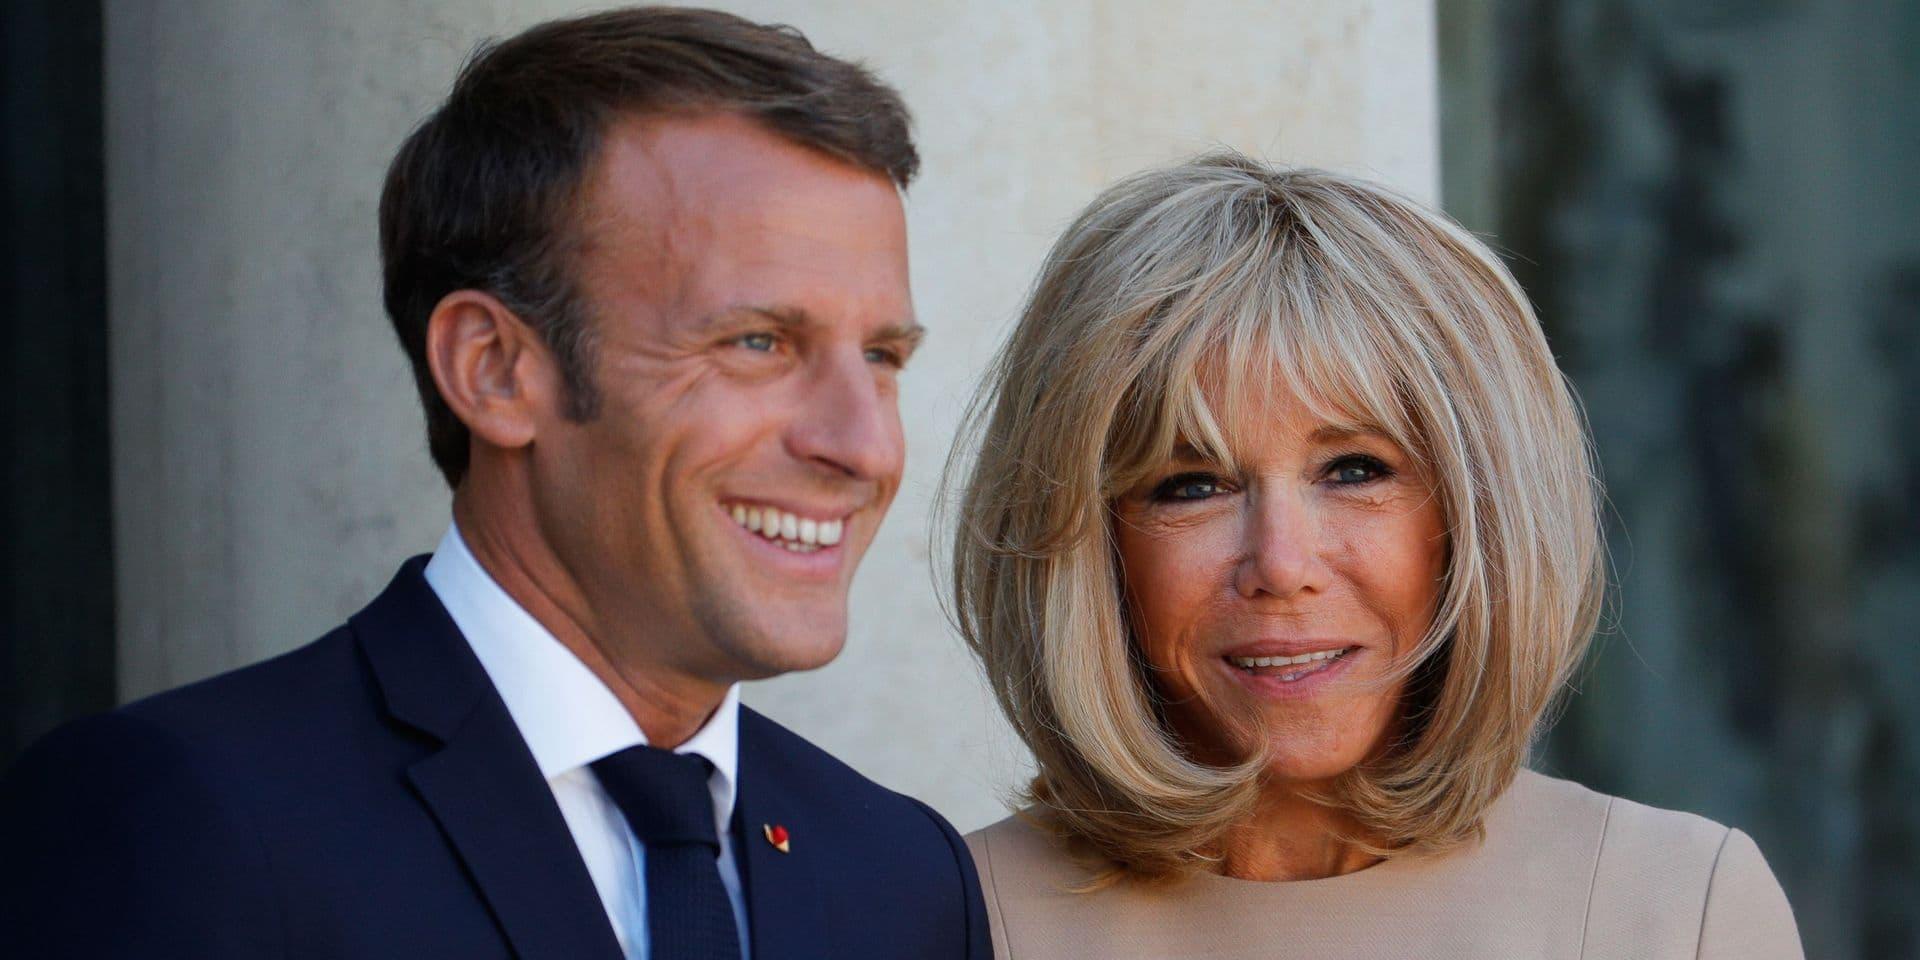 Cette photo du président français qui a énormément dérangé Brigitte Macron